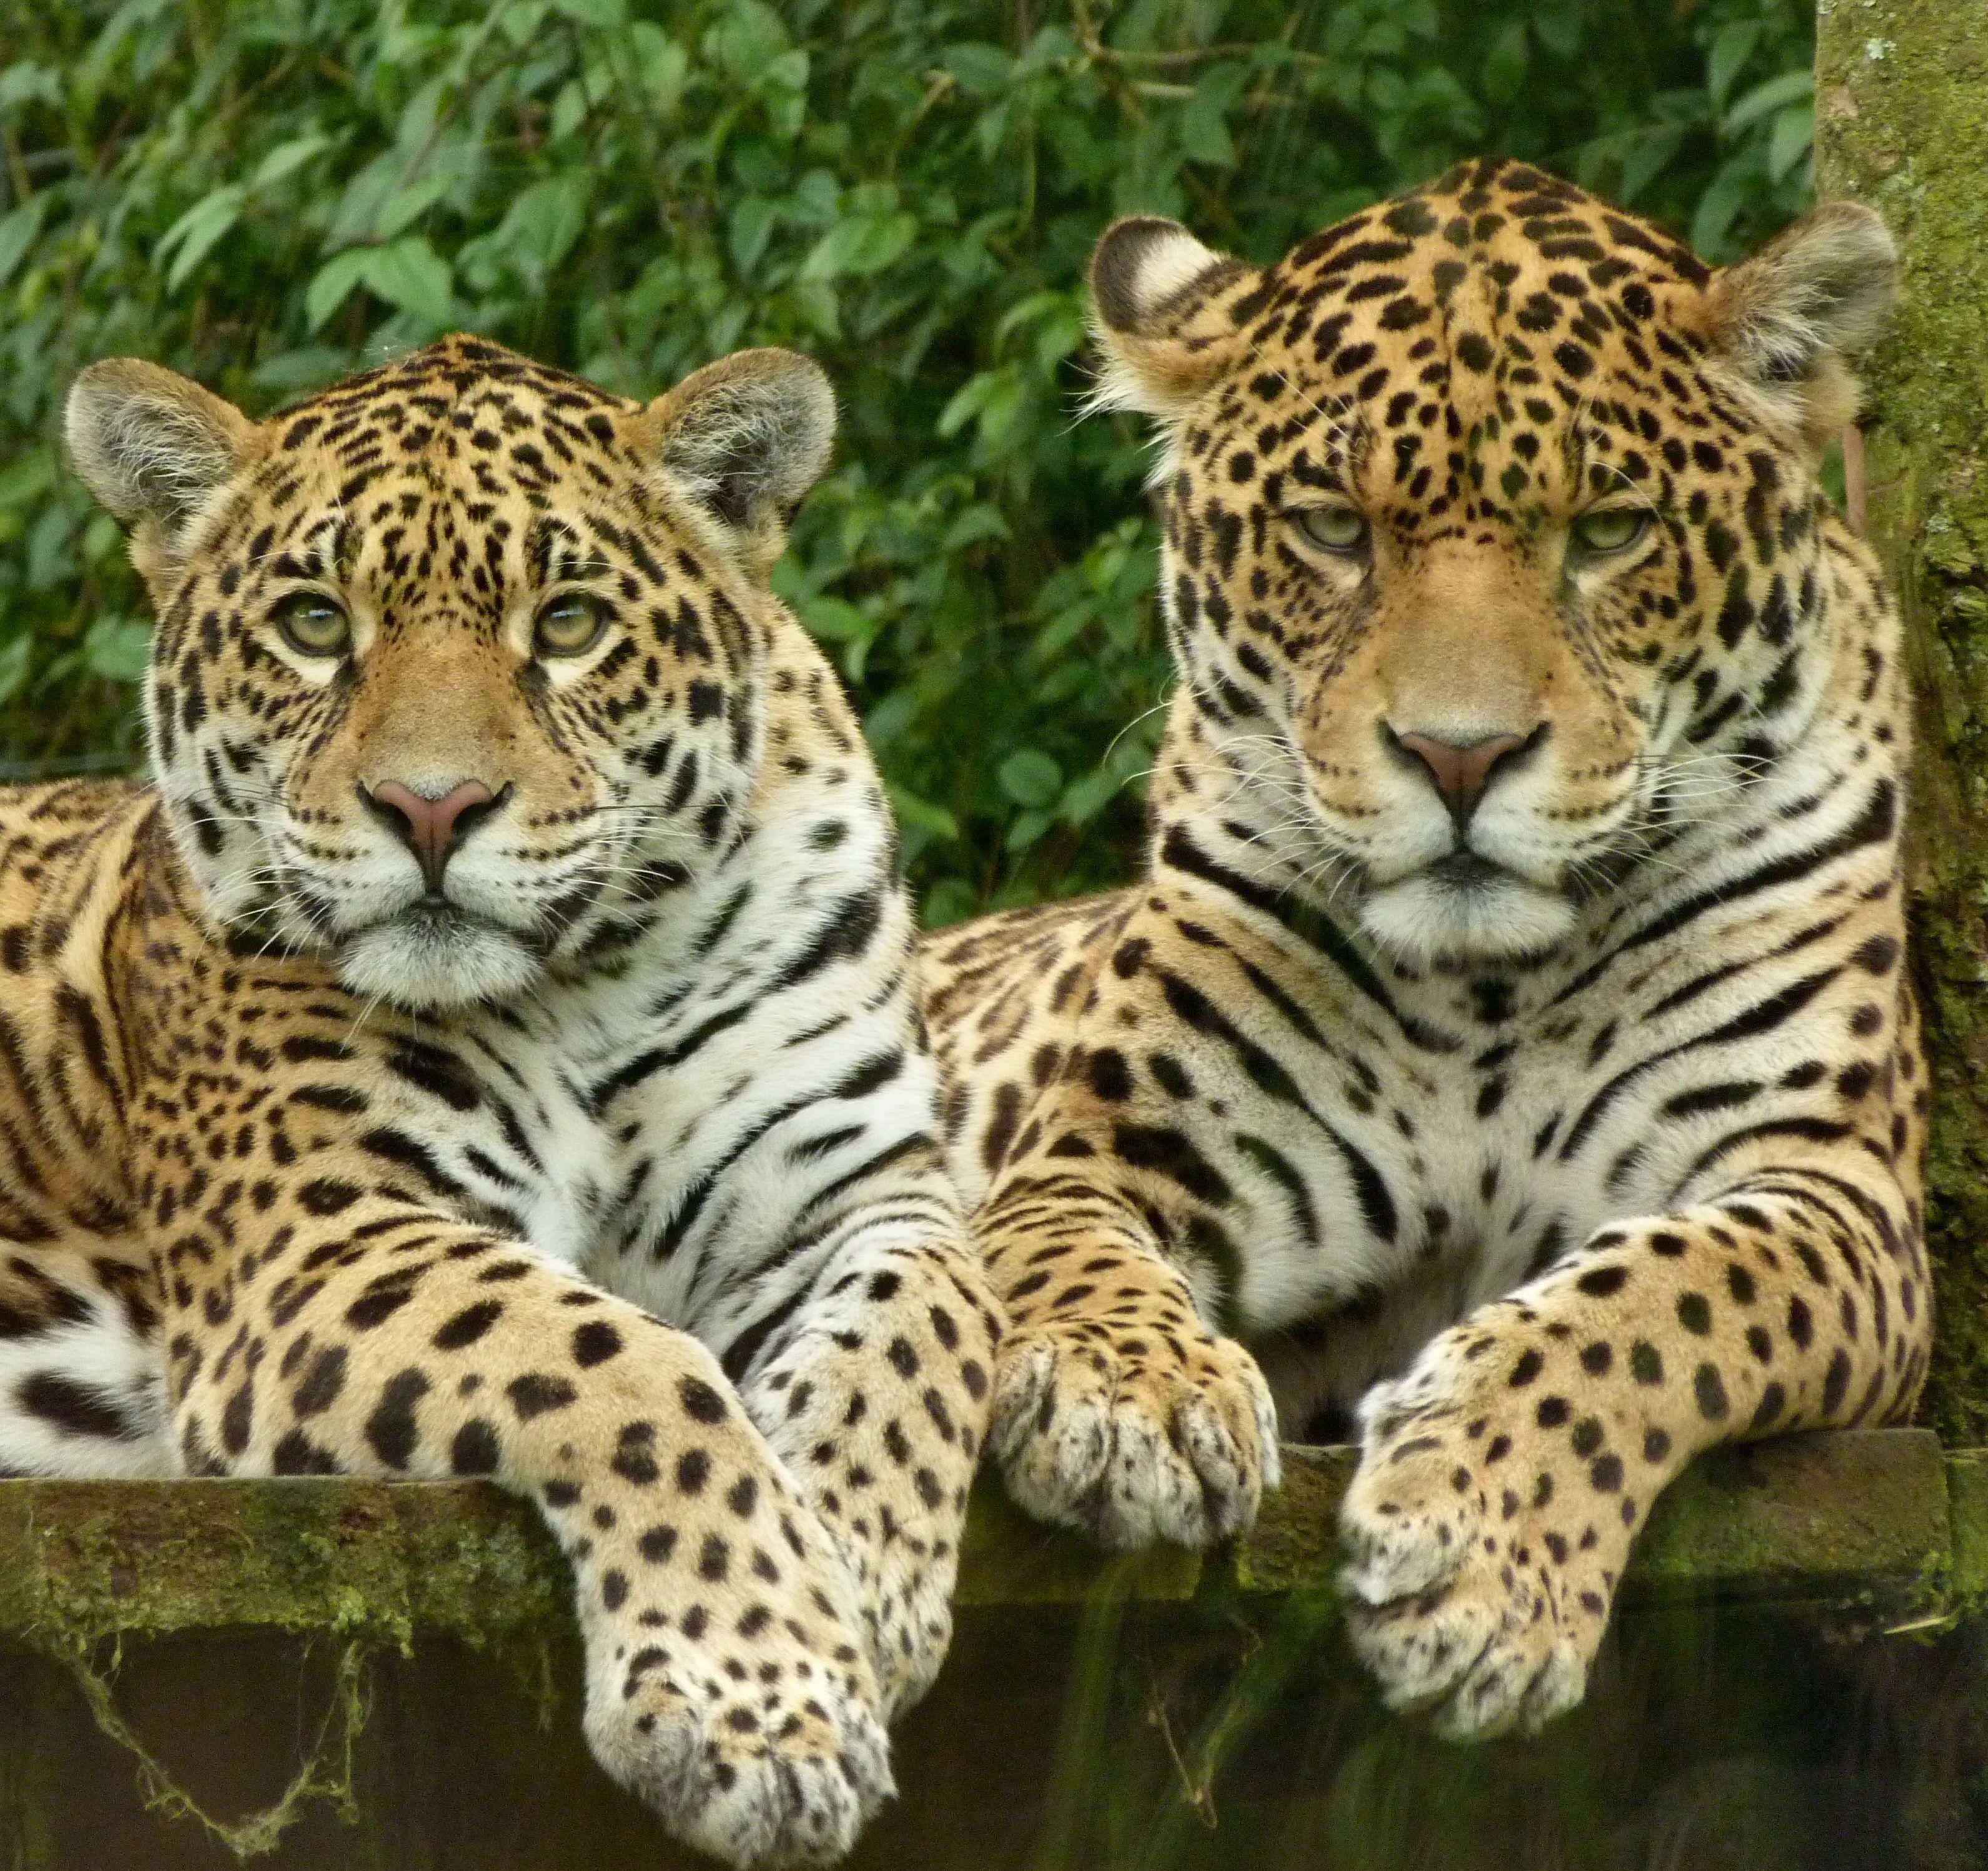 леопард животное фото чем отличается от ягуара решили праздник